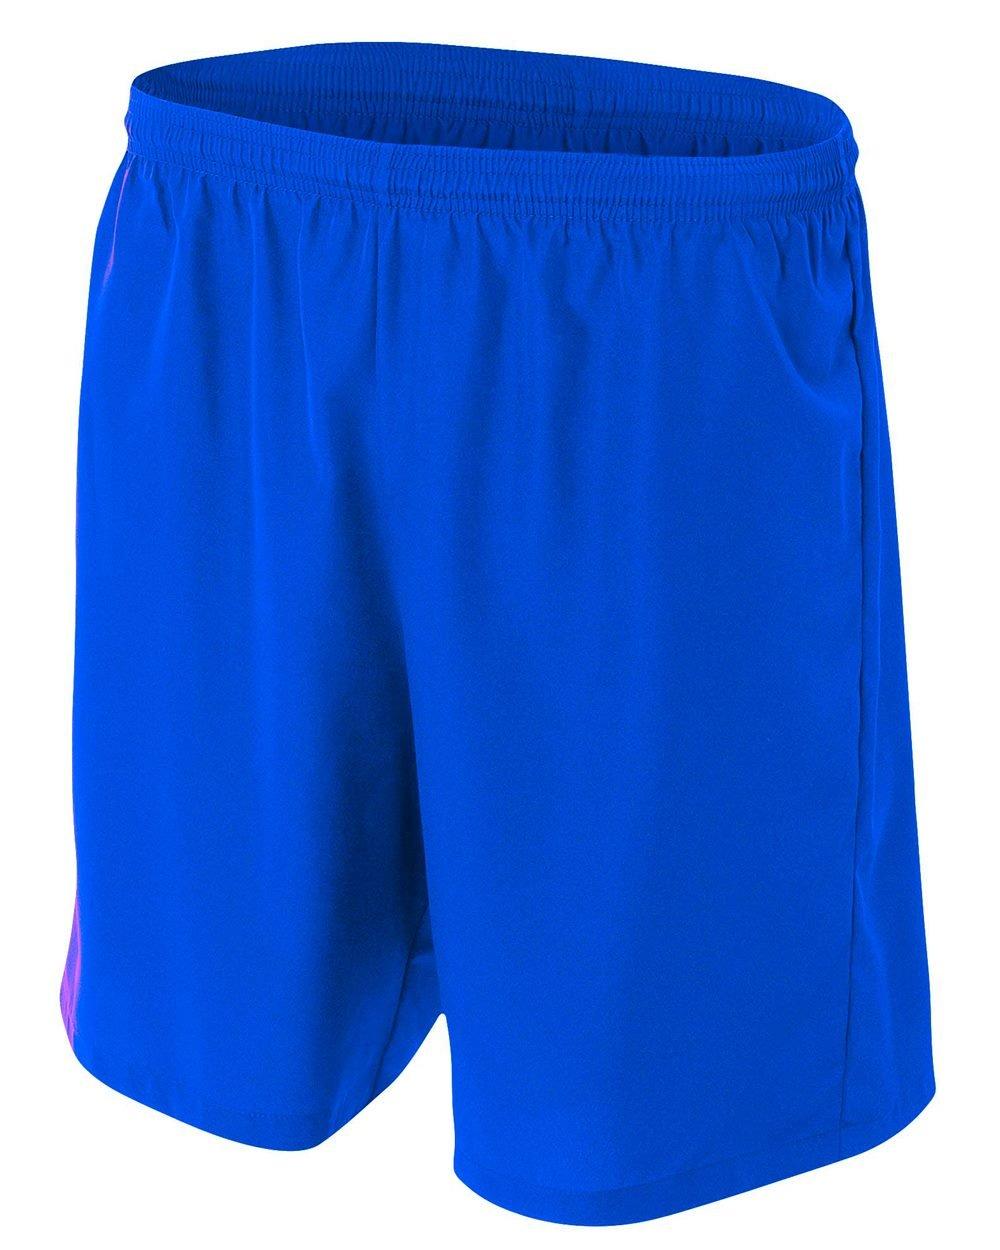 新しいWoven Soccer Shorts Moisture Wicking快適Odor & Stain Resistant ( 6色、子供&大人サイズ10 ) B00SVXQIAY Adult 3XL ロイヤルブルー ロイヤルブルー Adult 3XL